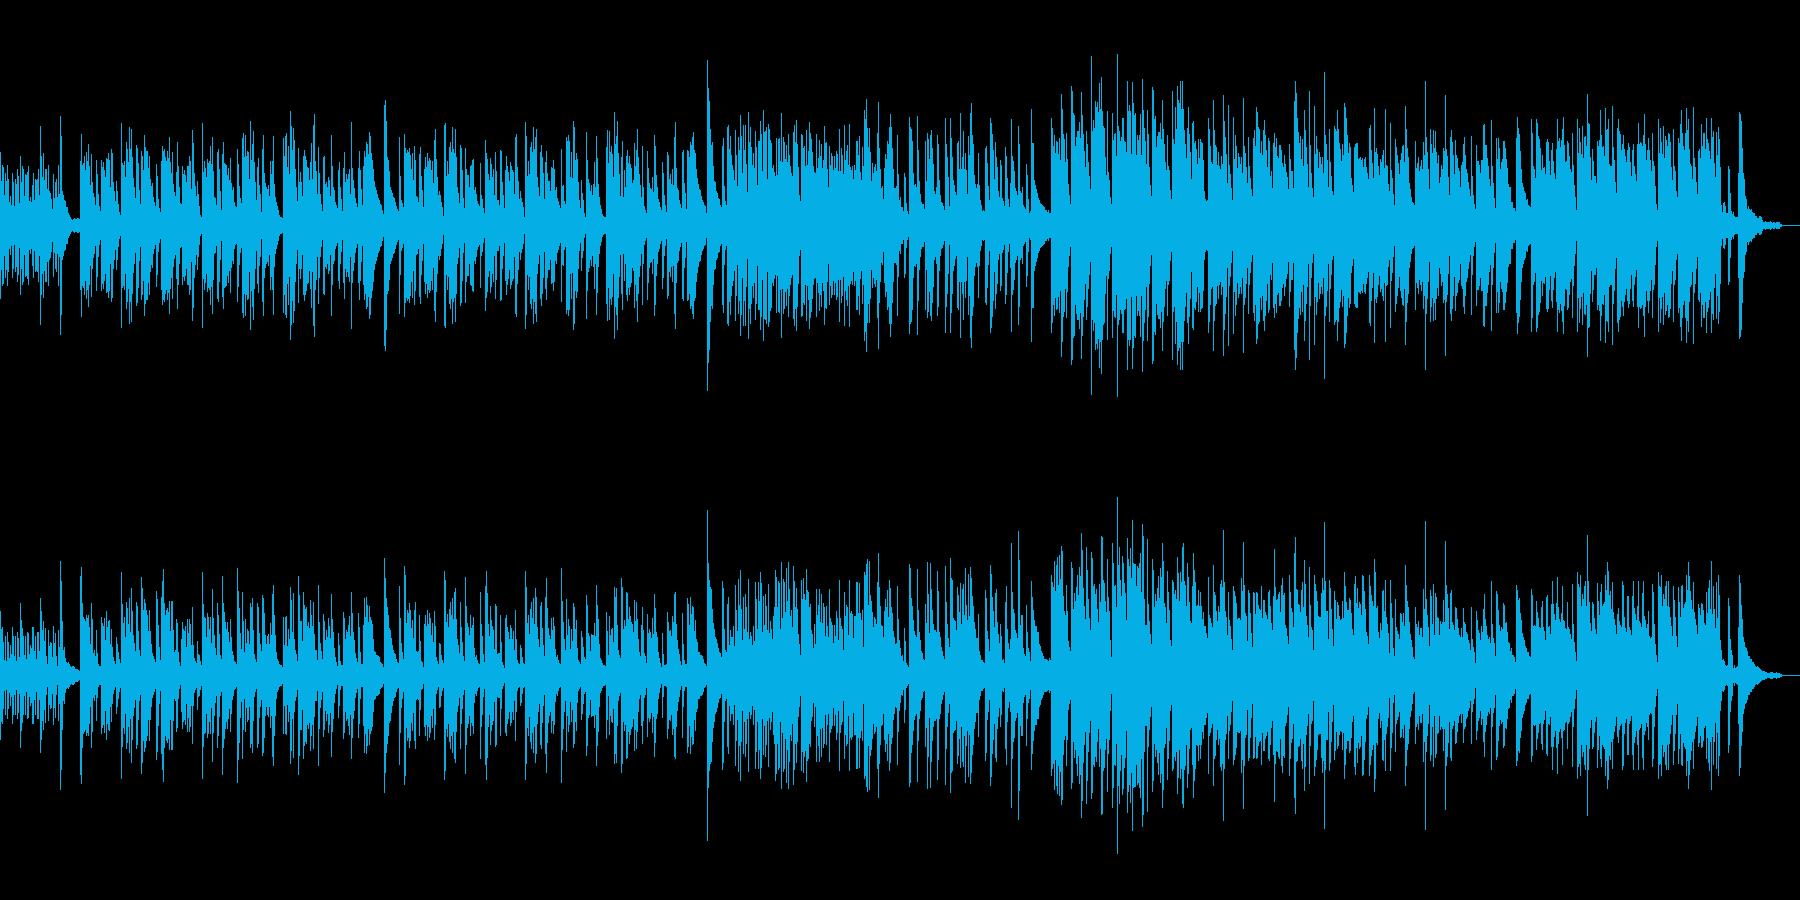 春の桜をイメージしたピアノサウンドの再生済みの波形